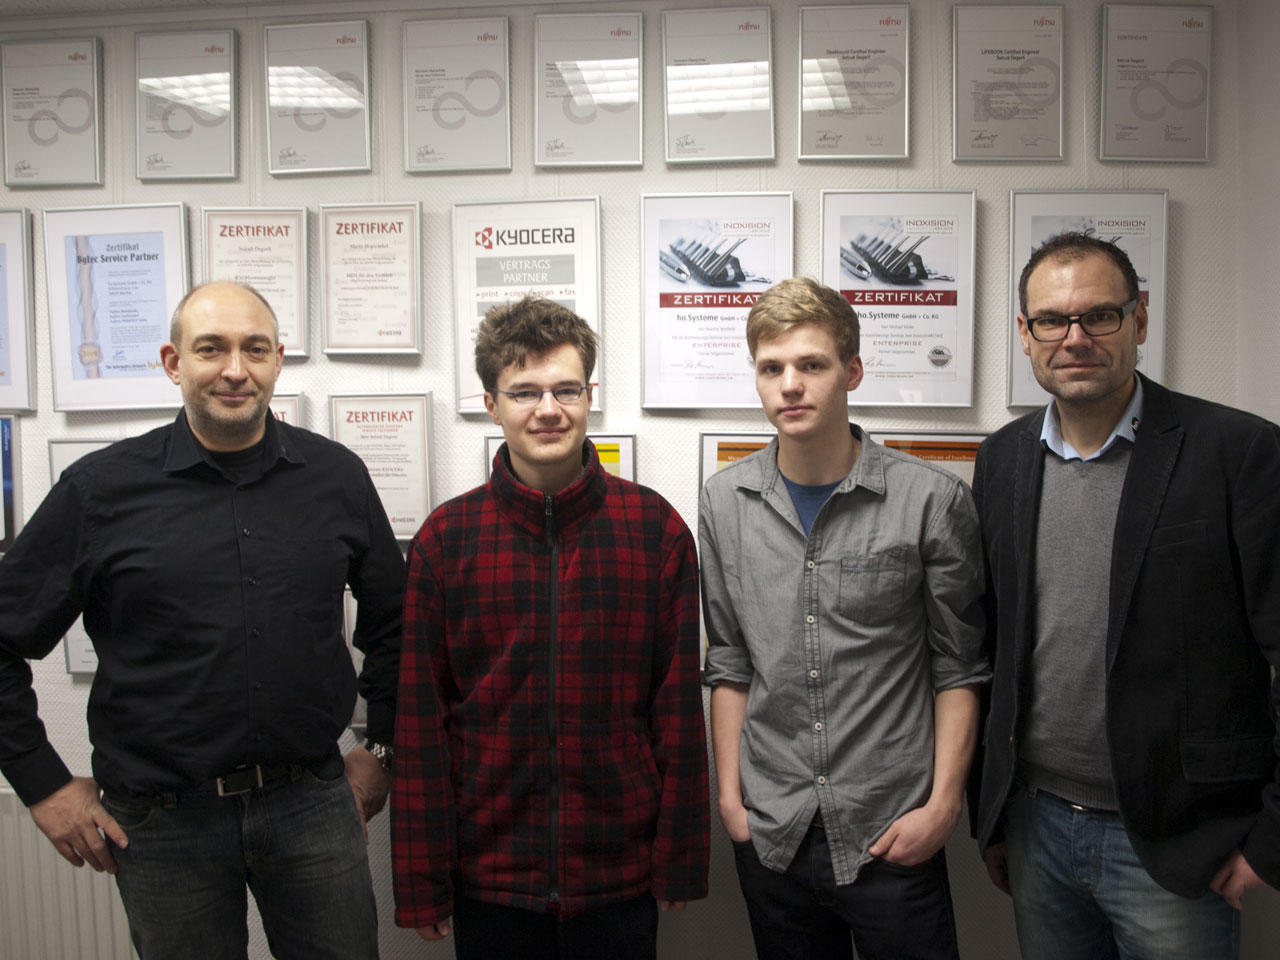 Peter Horvath, Ville Arminen, Jannick Sahrhage und Hermann Oberschelp